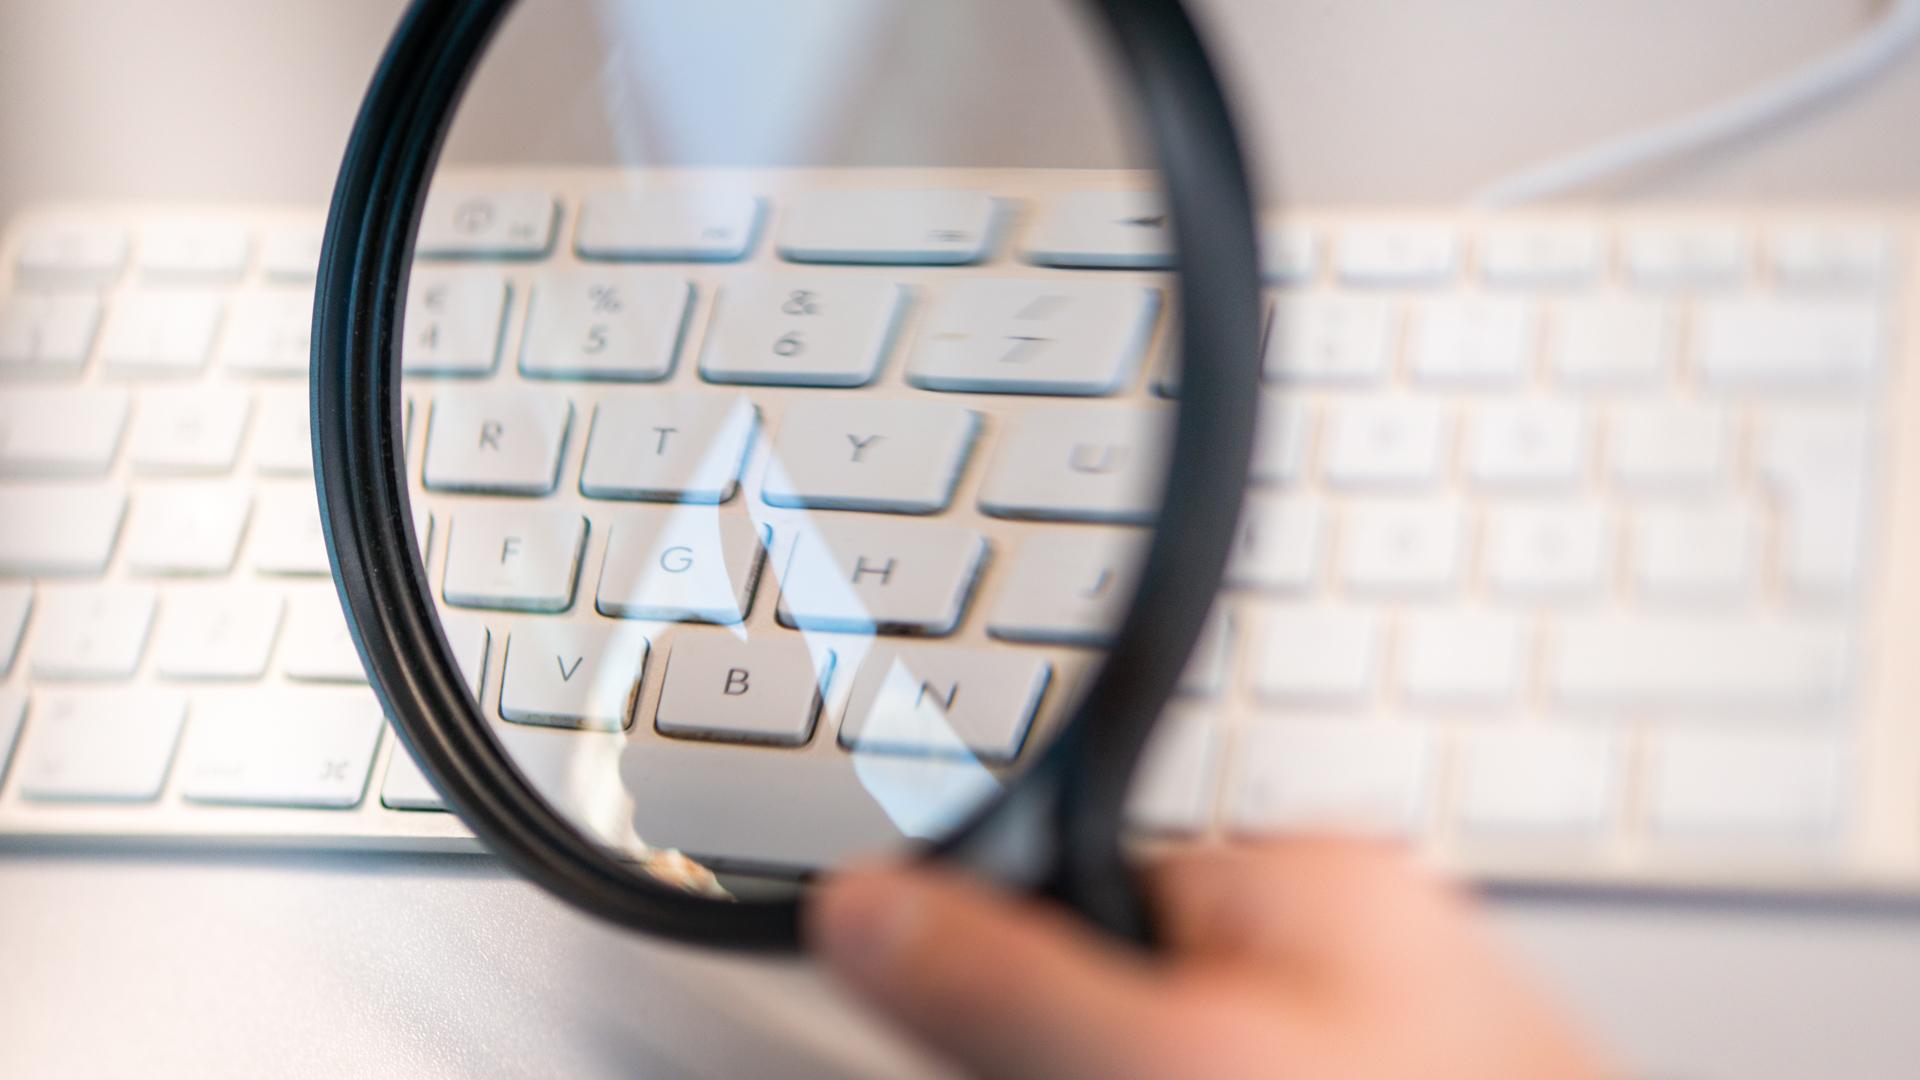 Någon tittar på ett tangentbord genom ett förstoringsglas.